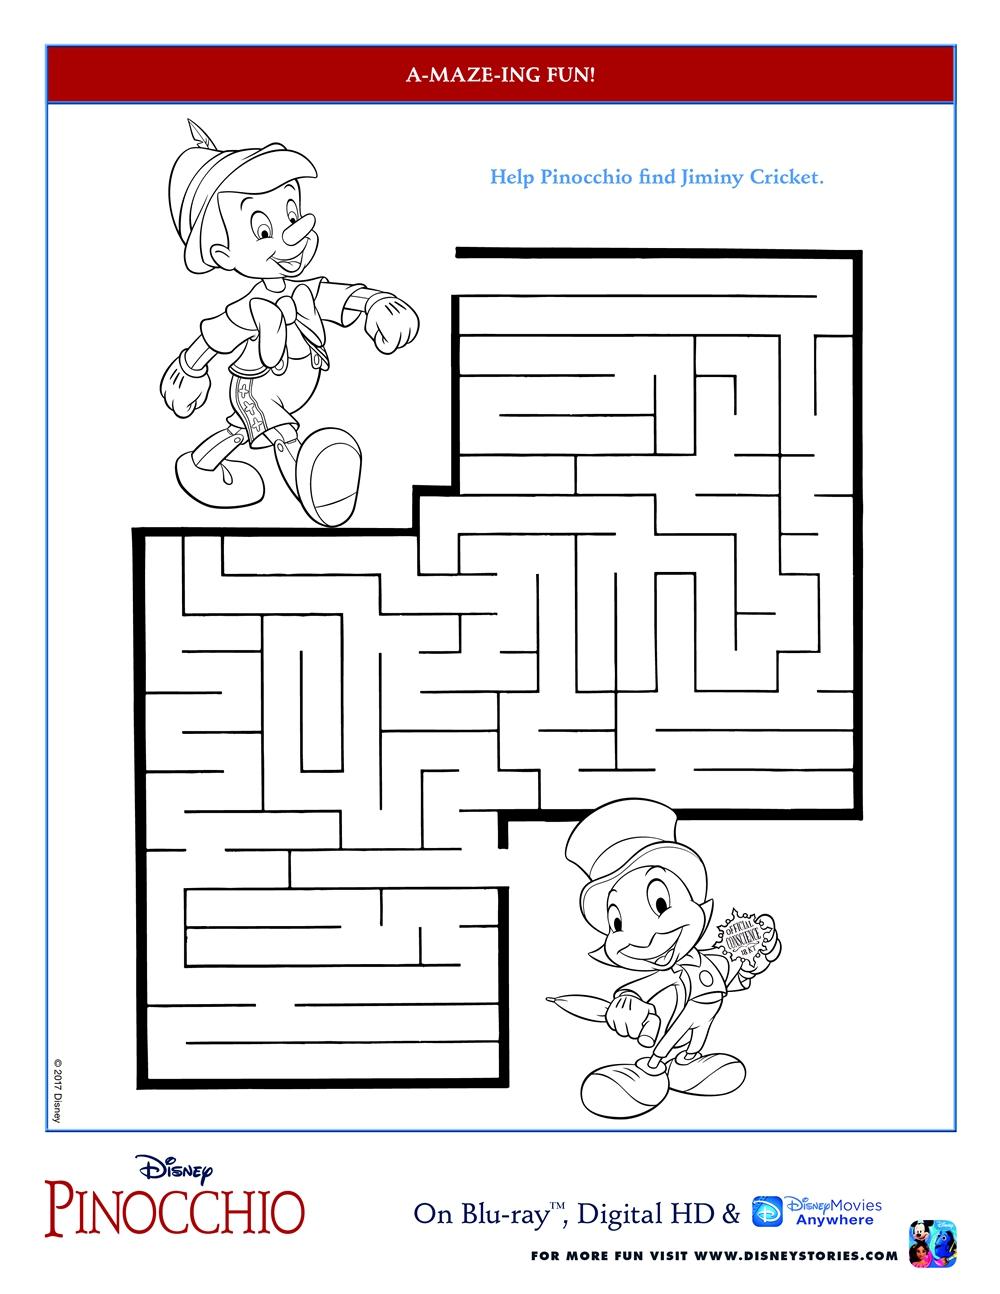 image001 In Quest Puzzle Worksheets Maze Worksheet Oshzru on